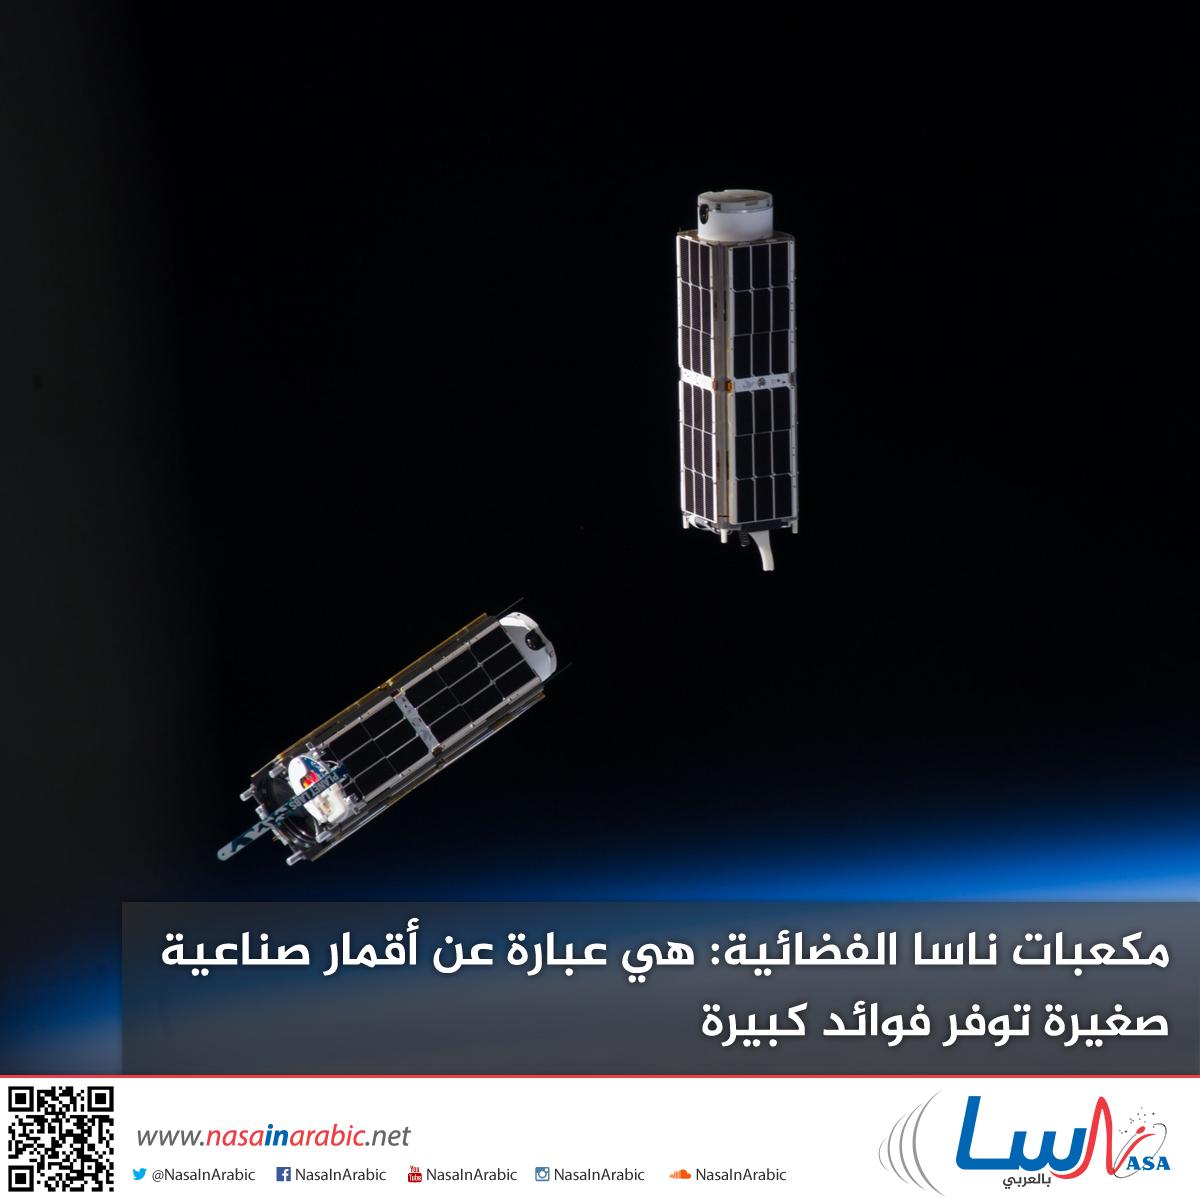 مكعبات ناسا الفضائية:هي عبارة عن أقمار صناعية صغيرة توفر فوائد كبيرة